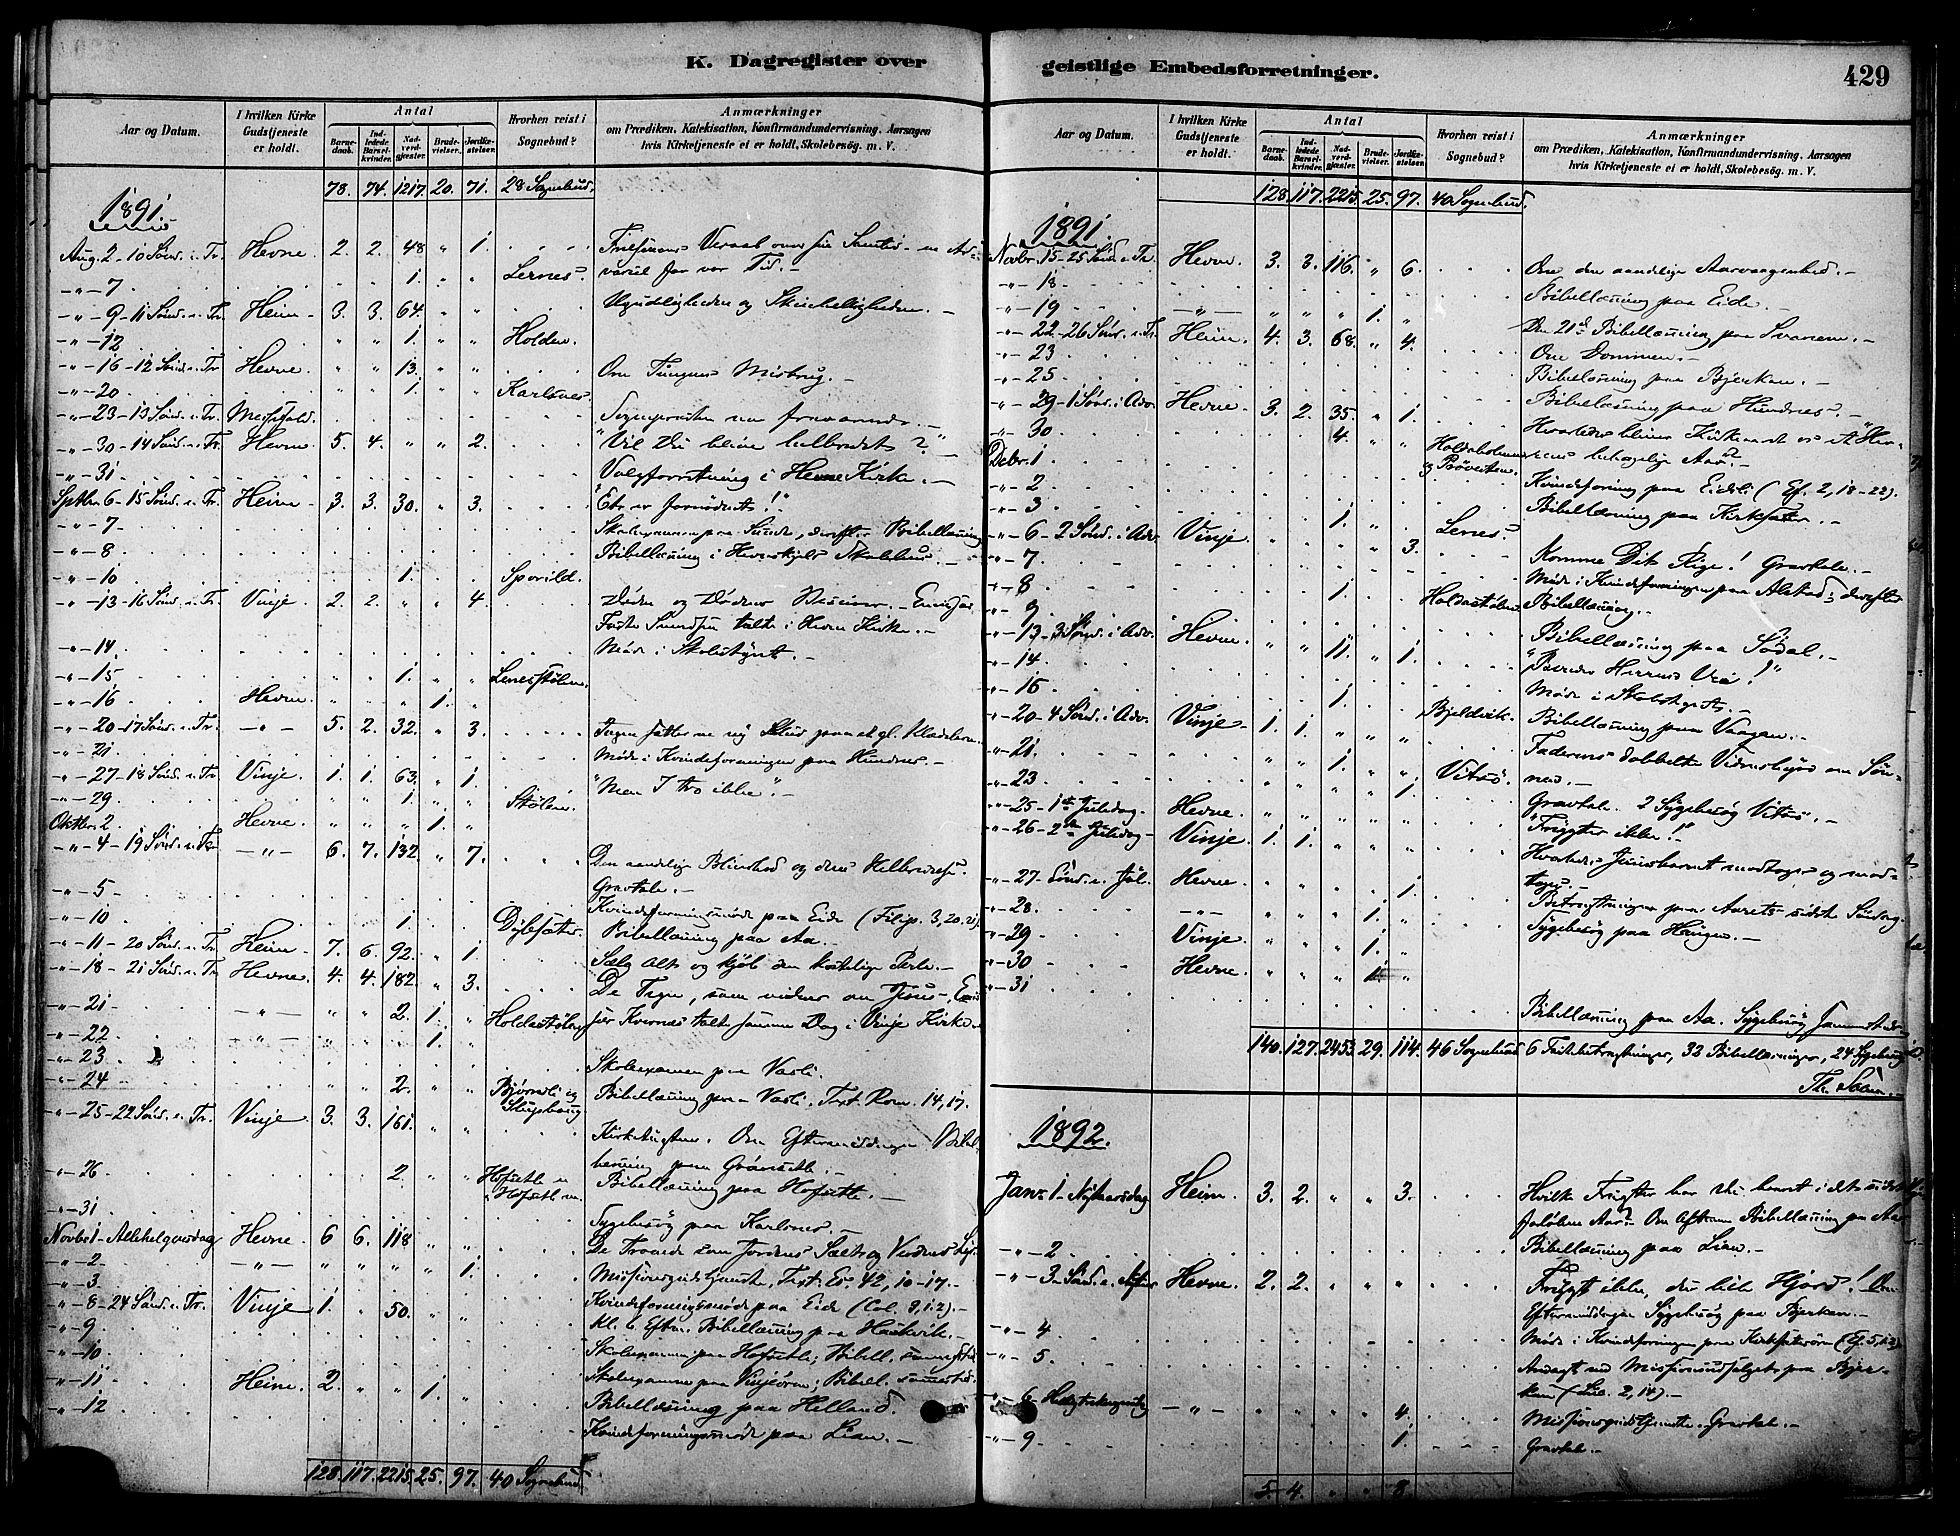 SAT, Ministerialprotokoller, klokkerbøker og fødselsregistre - Sør-Trøndelag, 630/L0496: Ministerialbok nr. 630A09, 1879-1895, s. 429